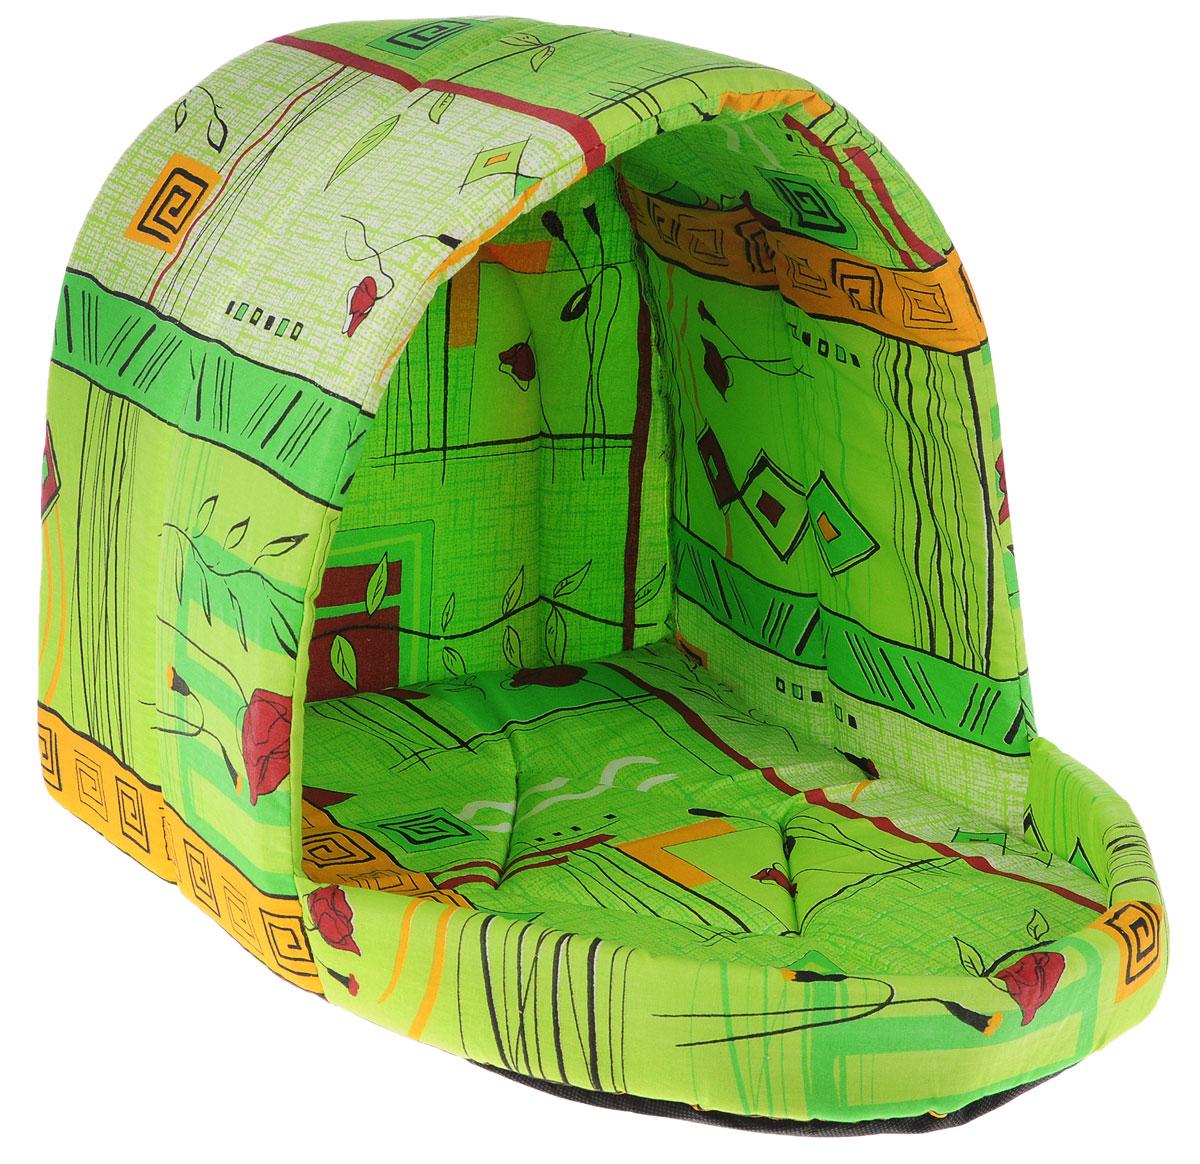 Лежак для животных Elite Valley Люлька, цвет: зеленый, оранжевый, 50 х 38 х 38 см. Л-11/4Л-11/4_зеленый, оранжевыйЛежак Elite Valley Люлька непременно станет любимым местом отдыха вашего домашнего животного. Изделие выполнено из бязи и нетканого материала, а наполнитель - из поролона. Такой материал не теряет своей формы долгое время. Внутри имеется мягкая съемная подстилка. На таком лежаке вашему любимцу будет мягко и тепло. Он подарит вашему питомцу ощущение уюта и уединенности, а также возможность спрятаться.